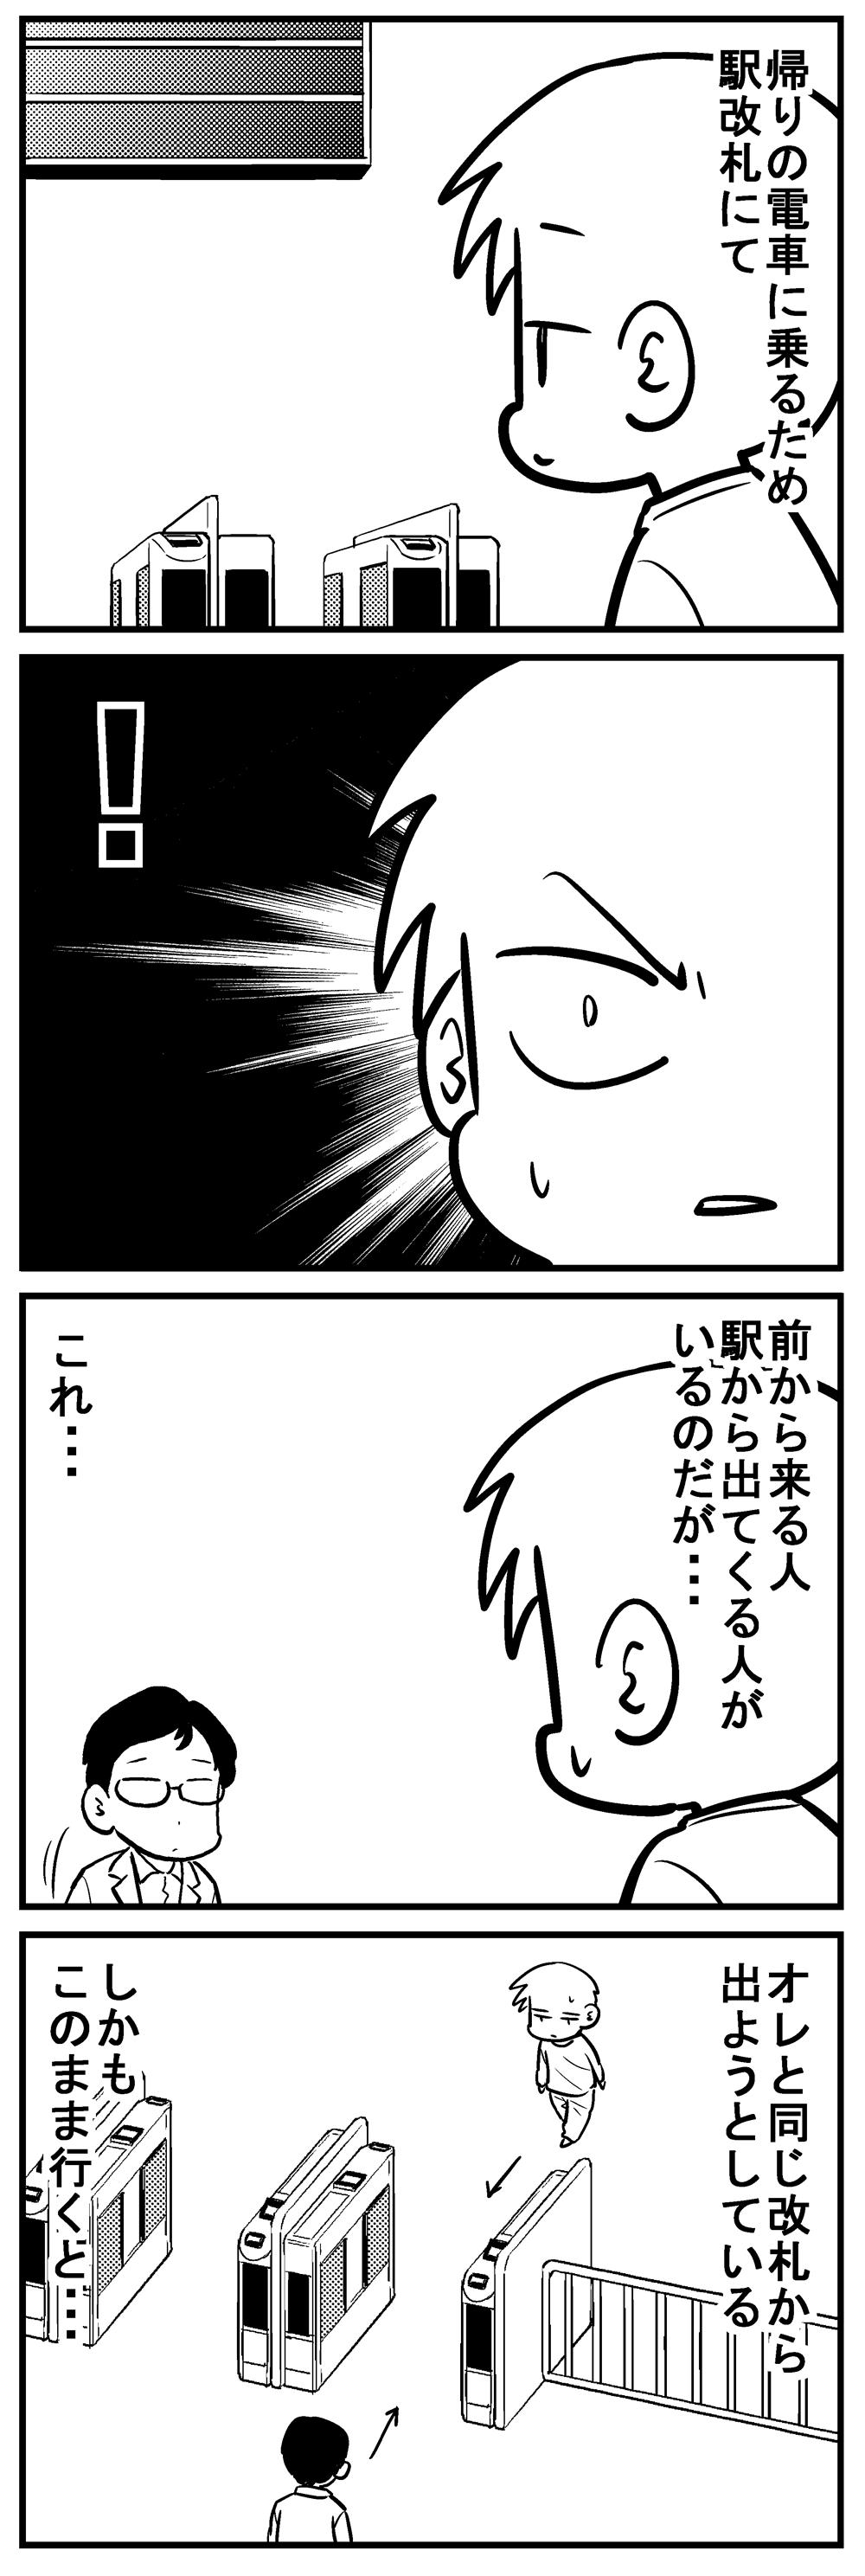 深読みくん113 1